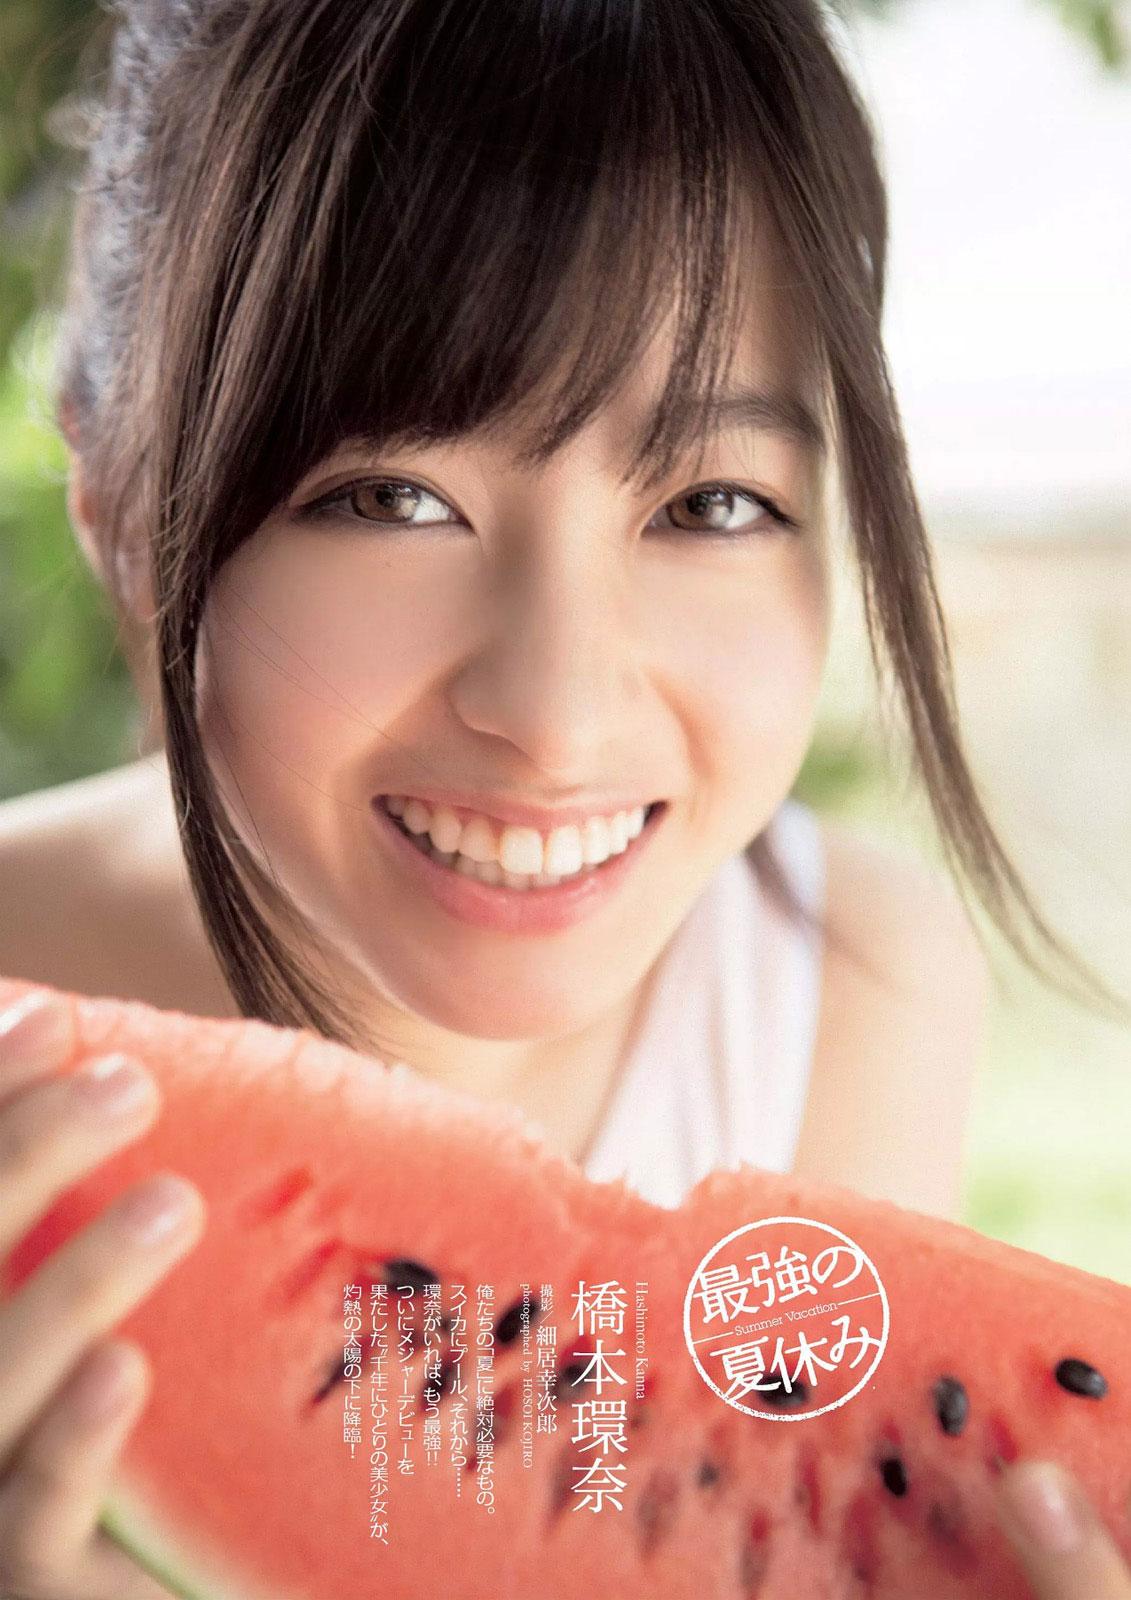 橋本環奈 千年さんの圧倒的に可愛い笑顔とふっくらおっぱい ...